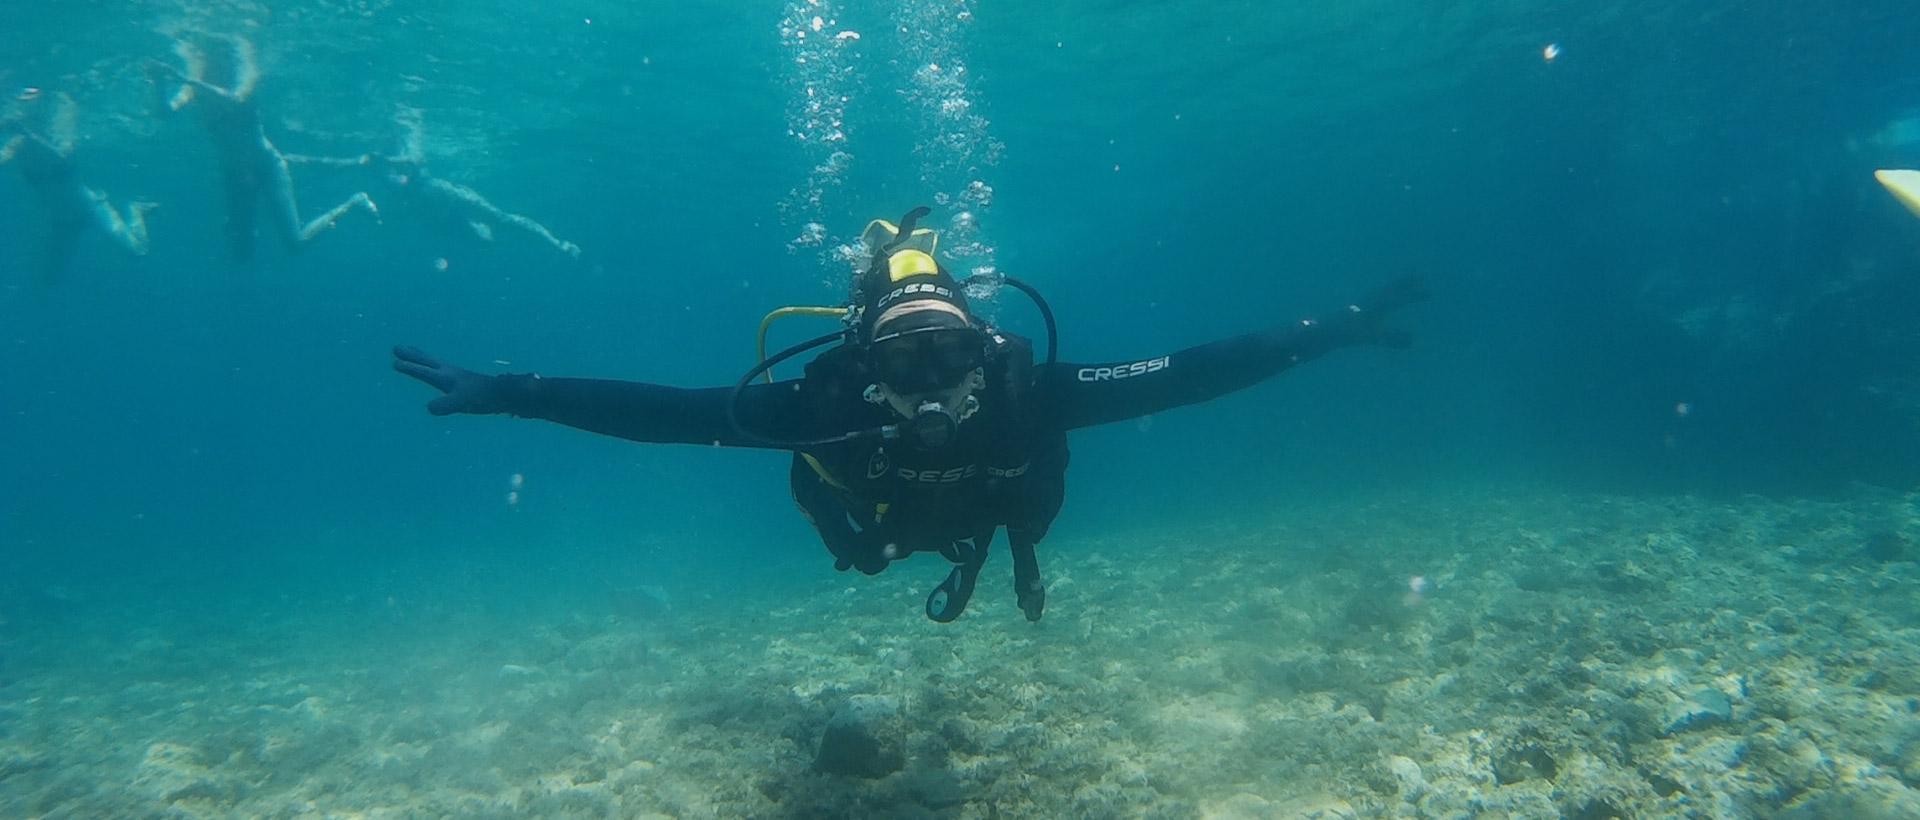 Szkoła nurkowania na Zakynthos